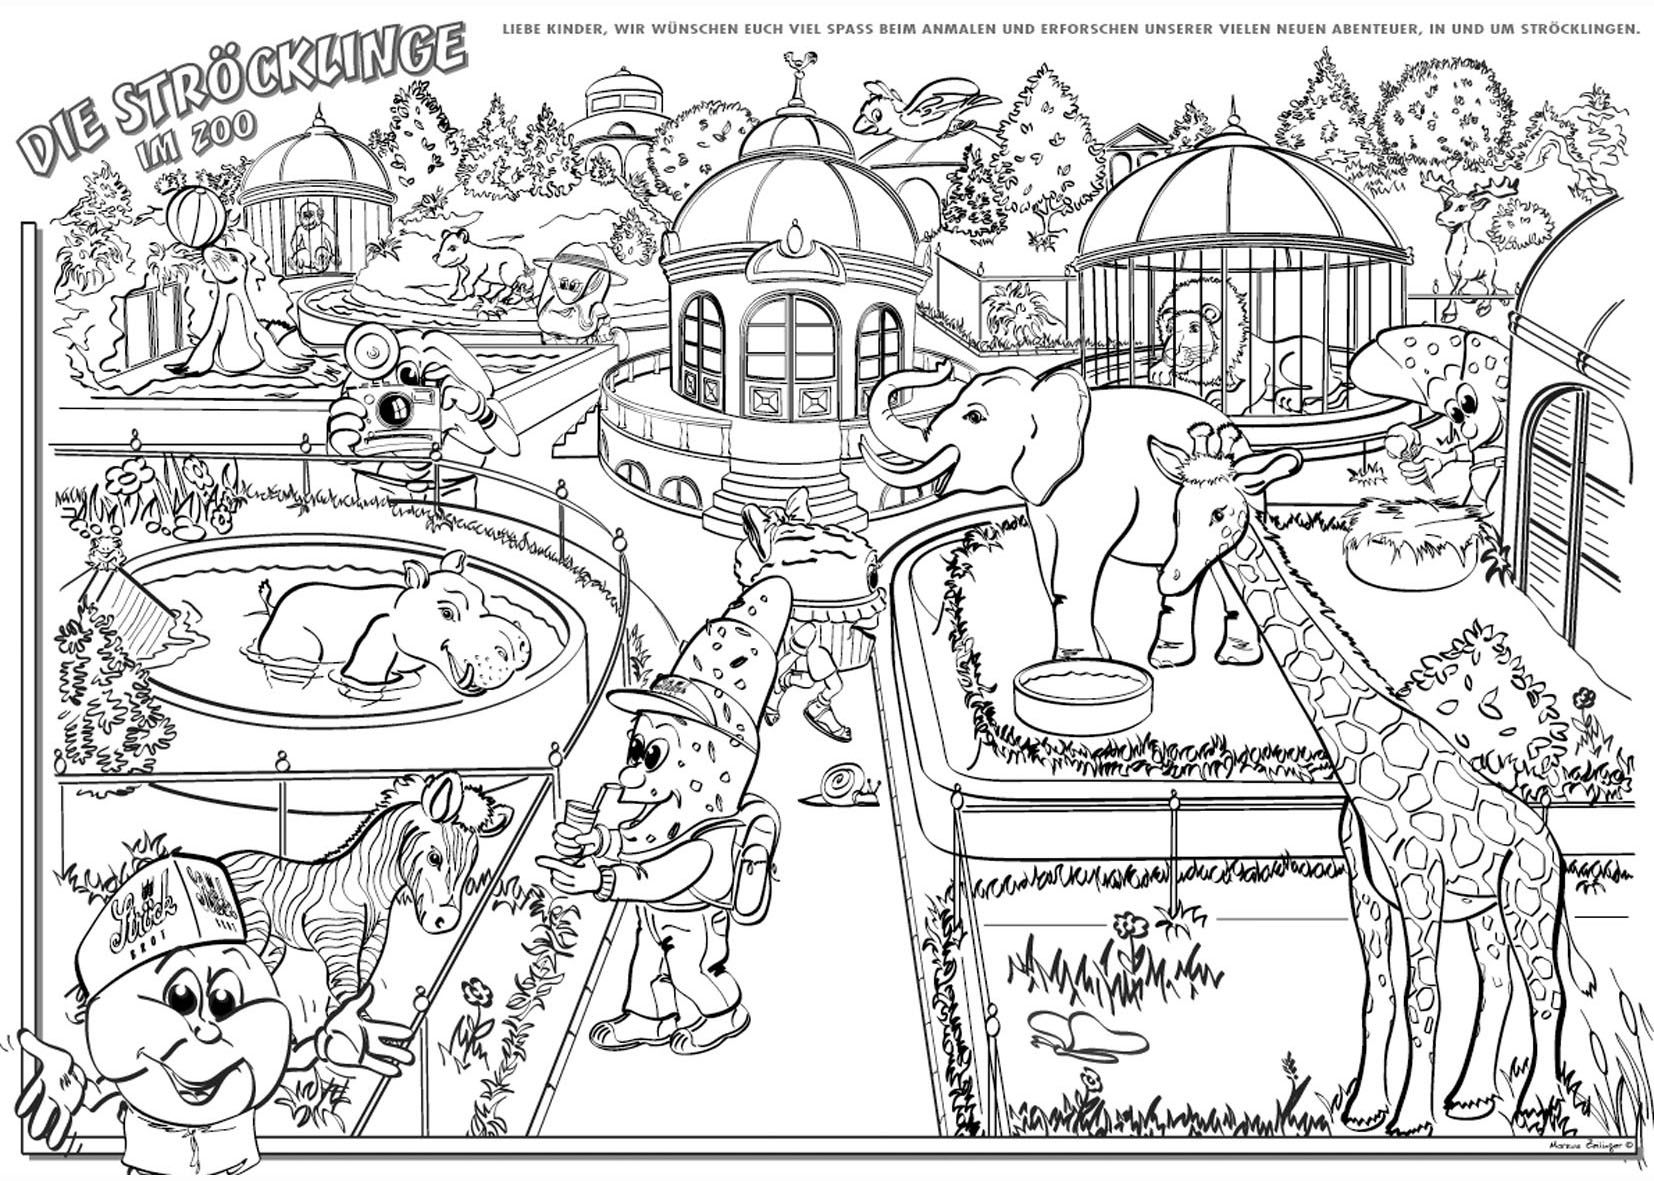 Zoo.jpg (12×12)  Malvorlagen, Ausmalbilder, Ausmalbilder tiere